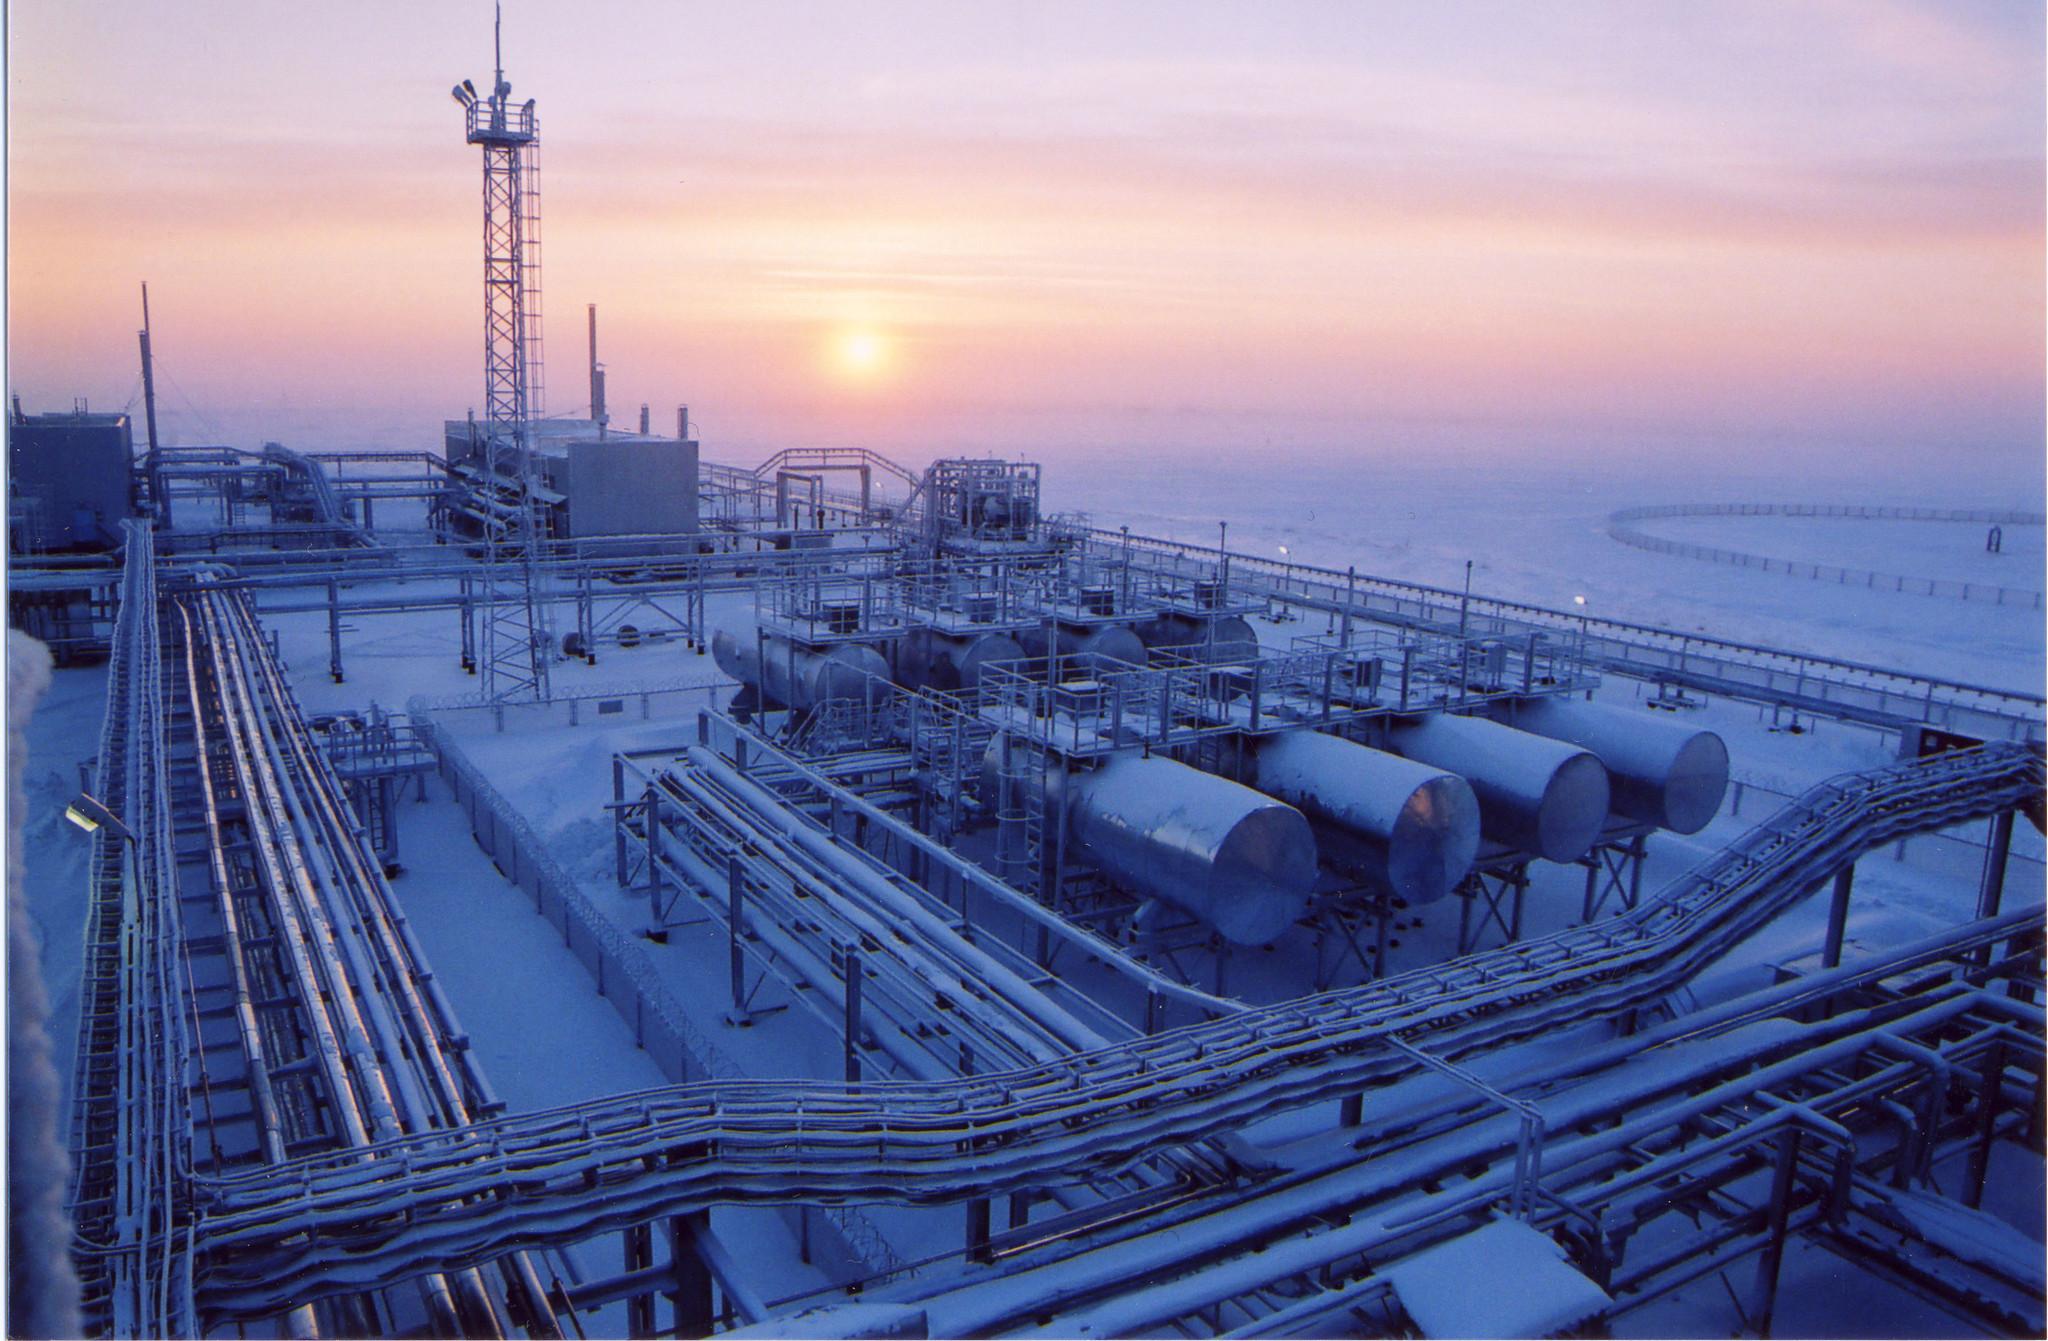 Газпром добыча Уренгой создаёт автоматическую систему пожарной сигнализации, контроля загазованности и пожаротушения за 1,5 млрд рублей